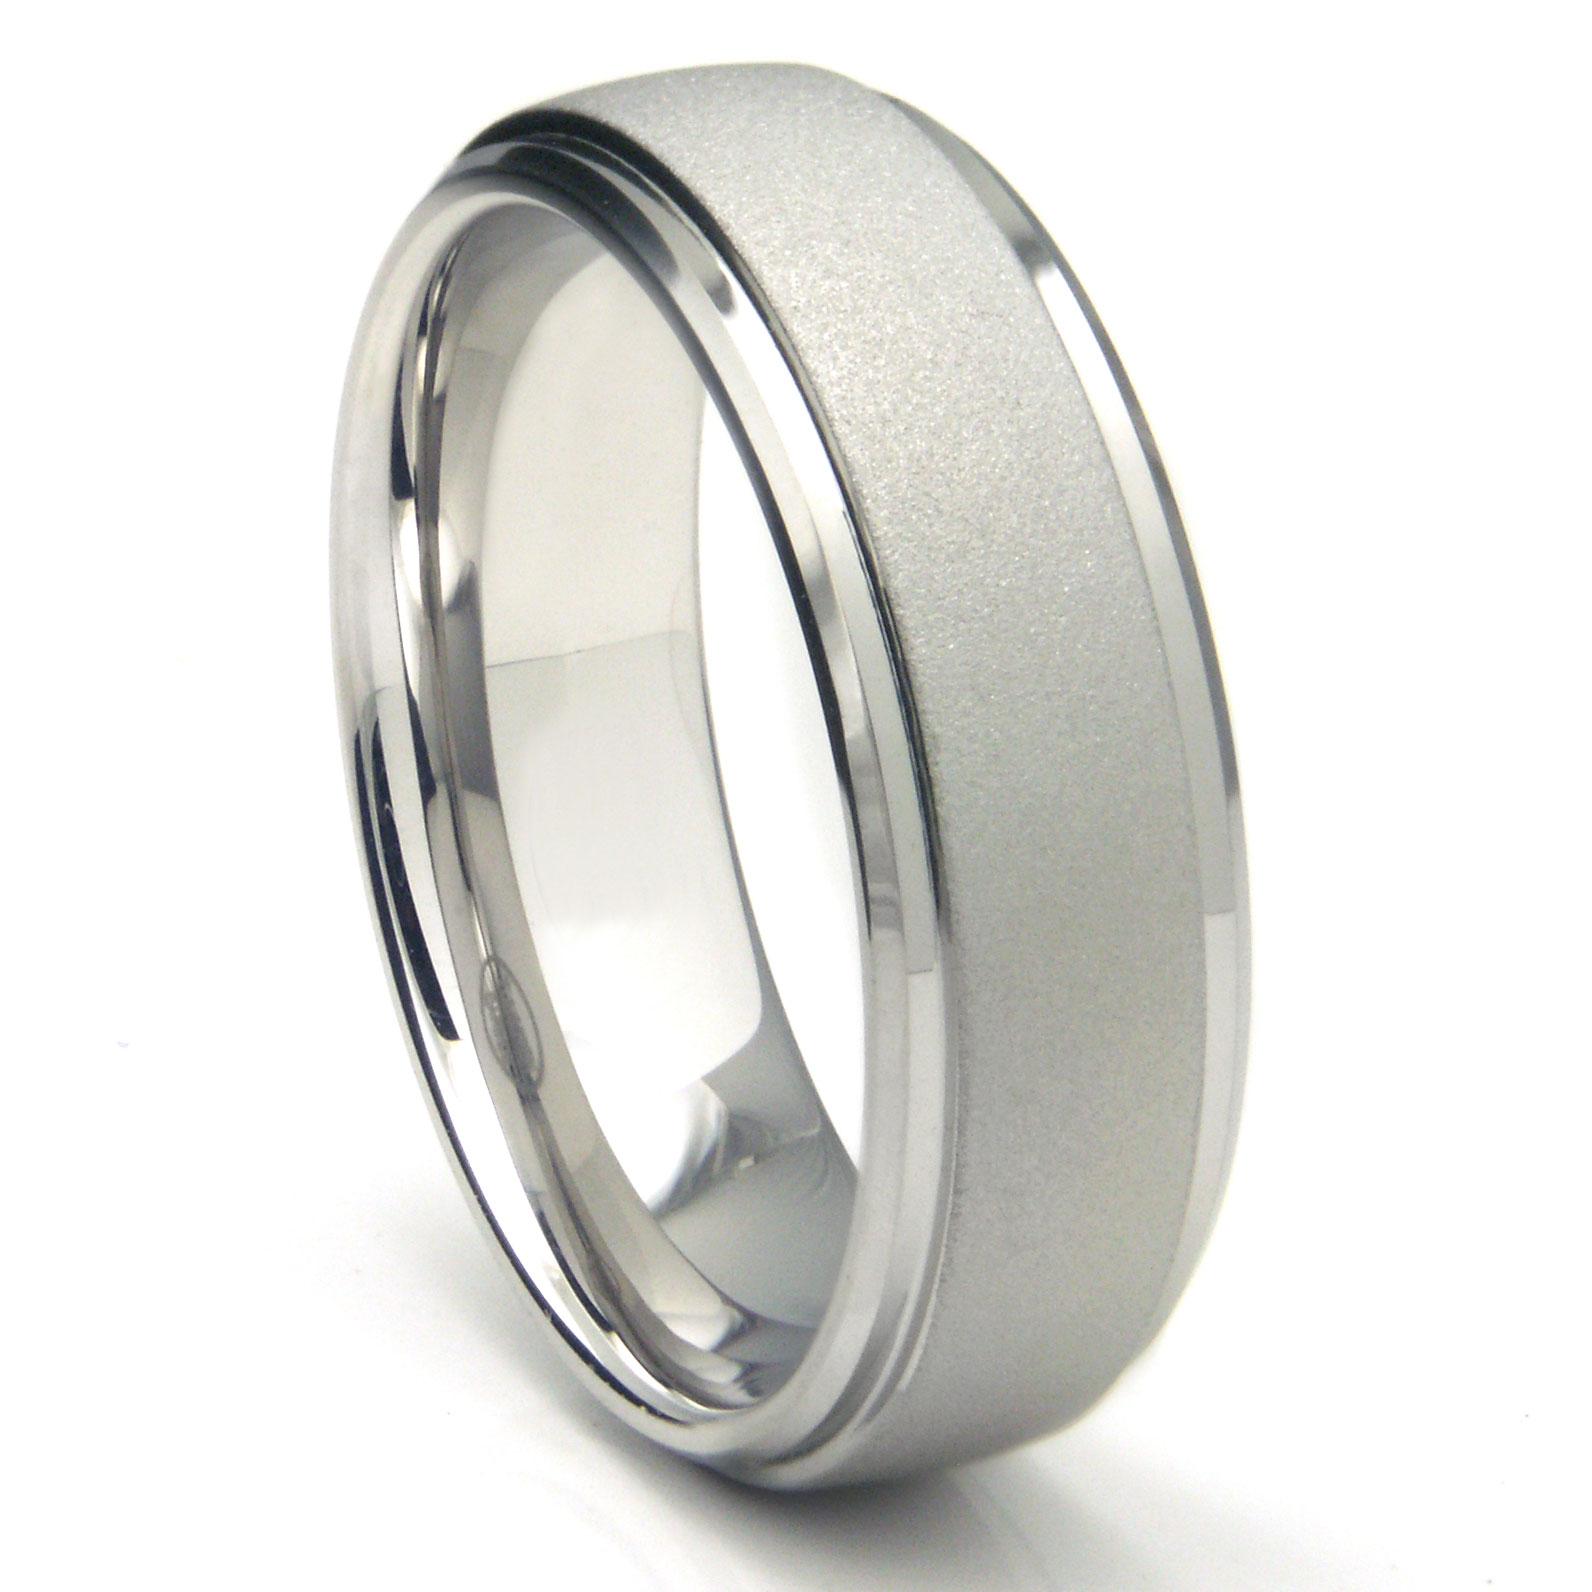 white tungsten carbide sandblast finish wedding band ring